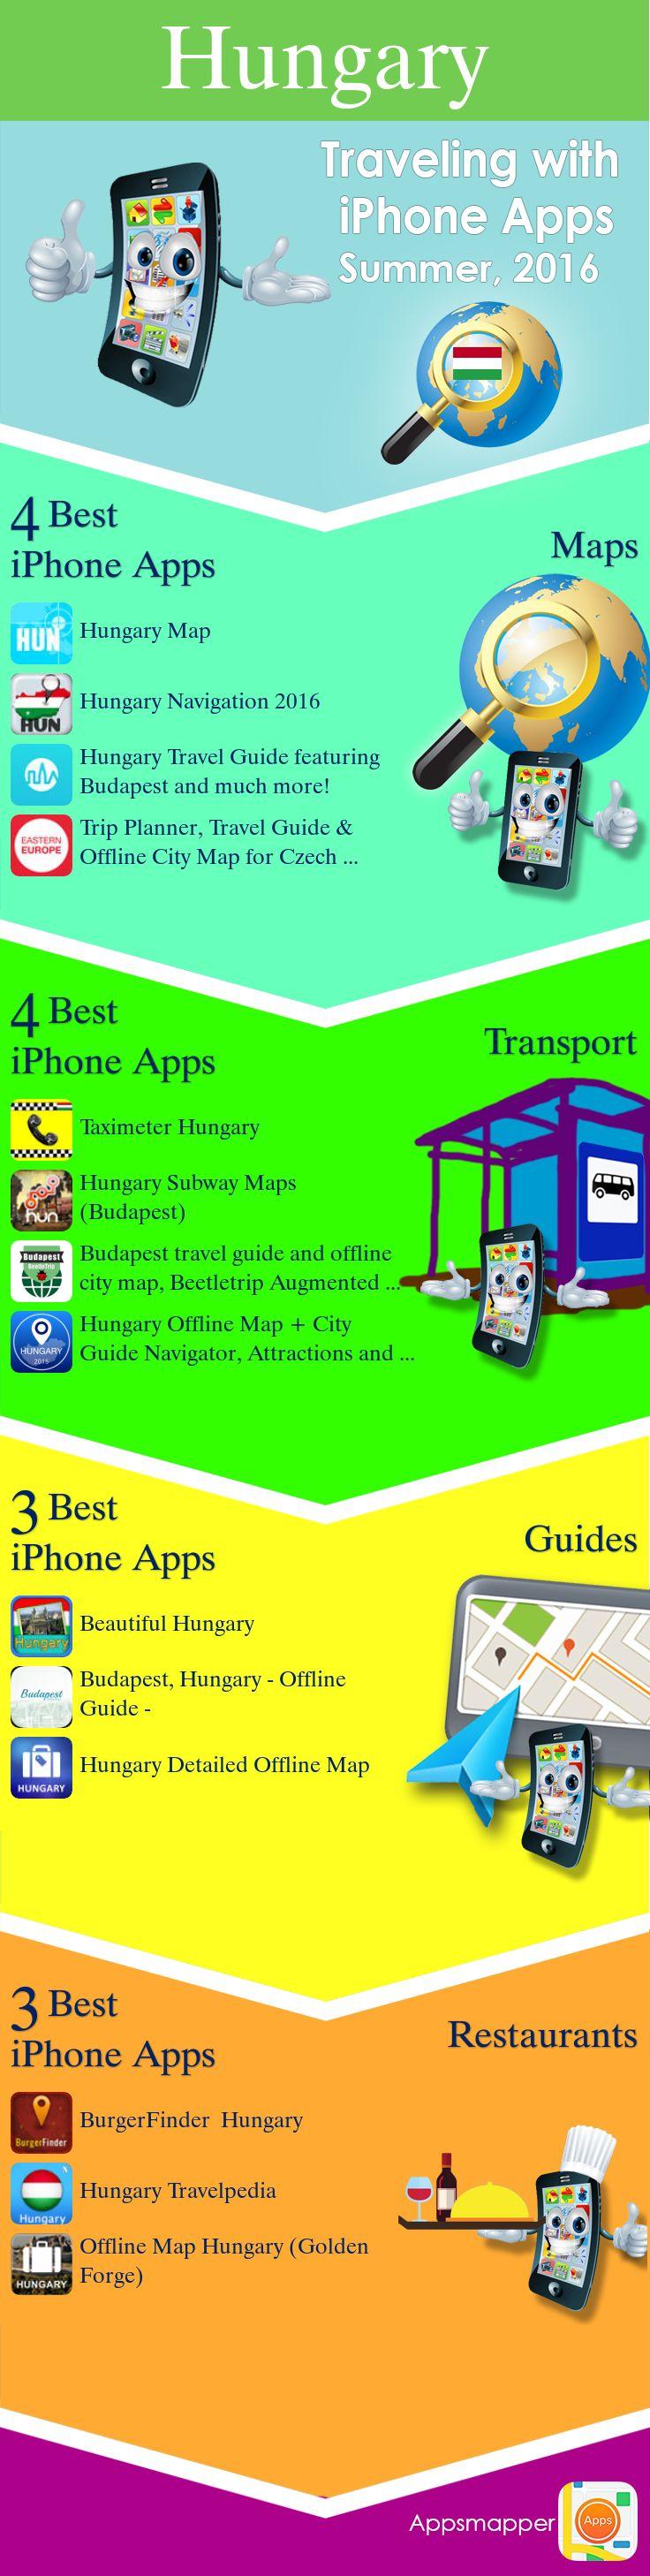 7571ef874cf154294e3985765900be8a--android-apps-biking Elegantes 3 Zimmer Wohnung Lörrach Dekorationen